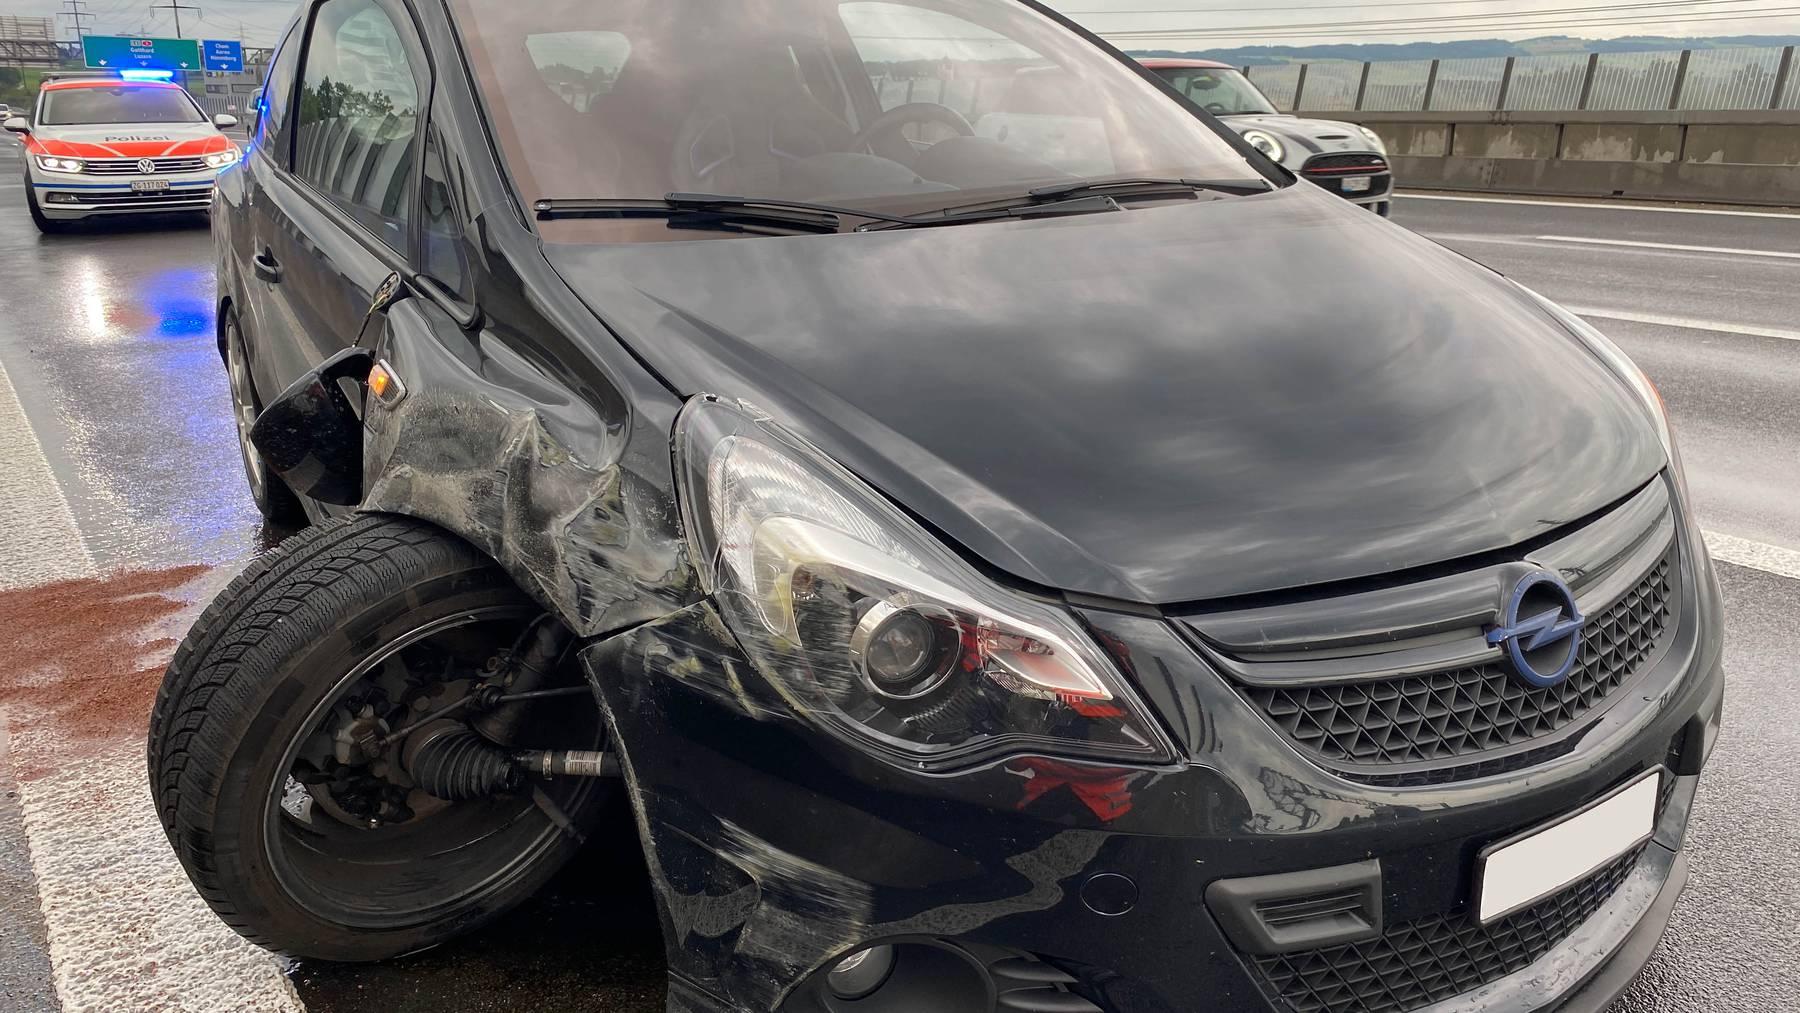 MM169_Selbstunfall mit fremdem Fahrzeug und ohne Fahrberechtigung